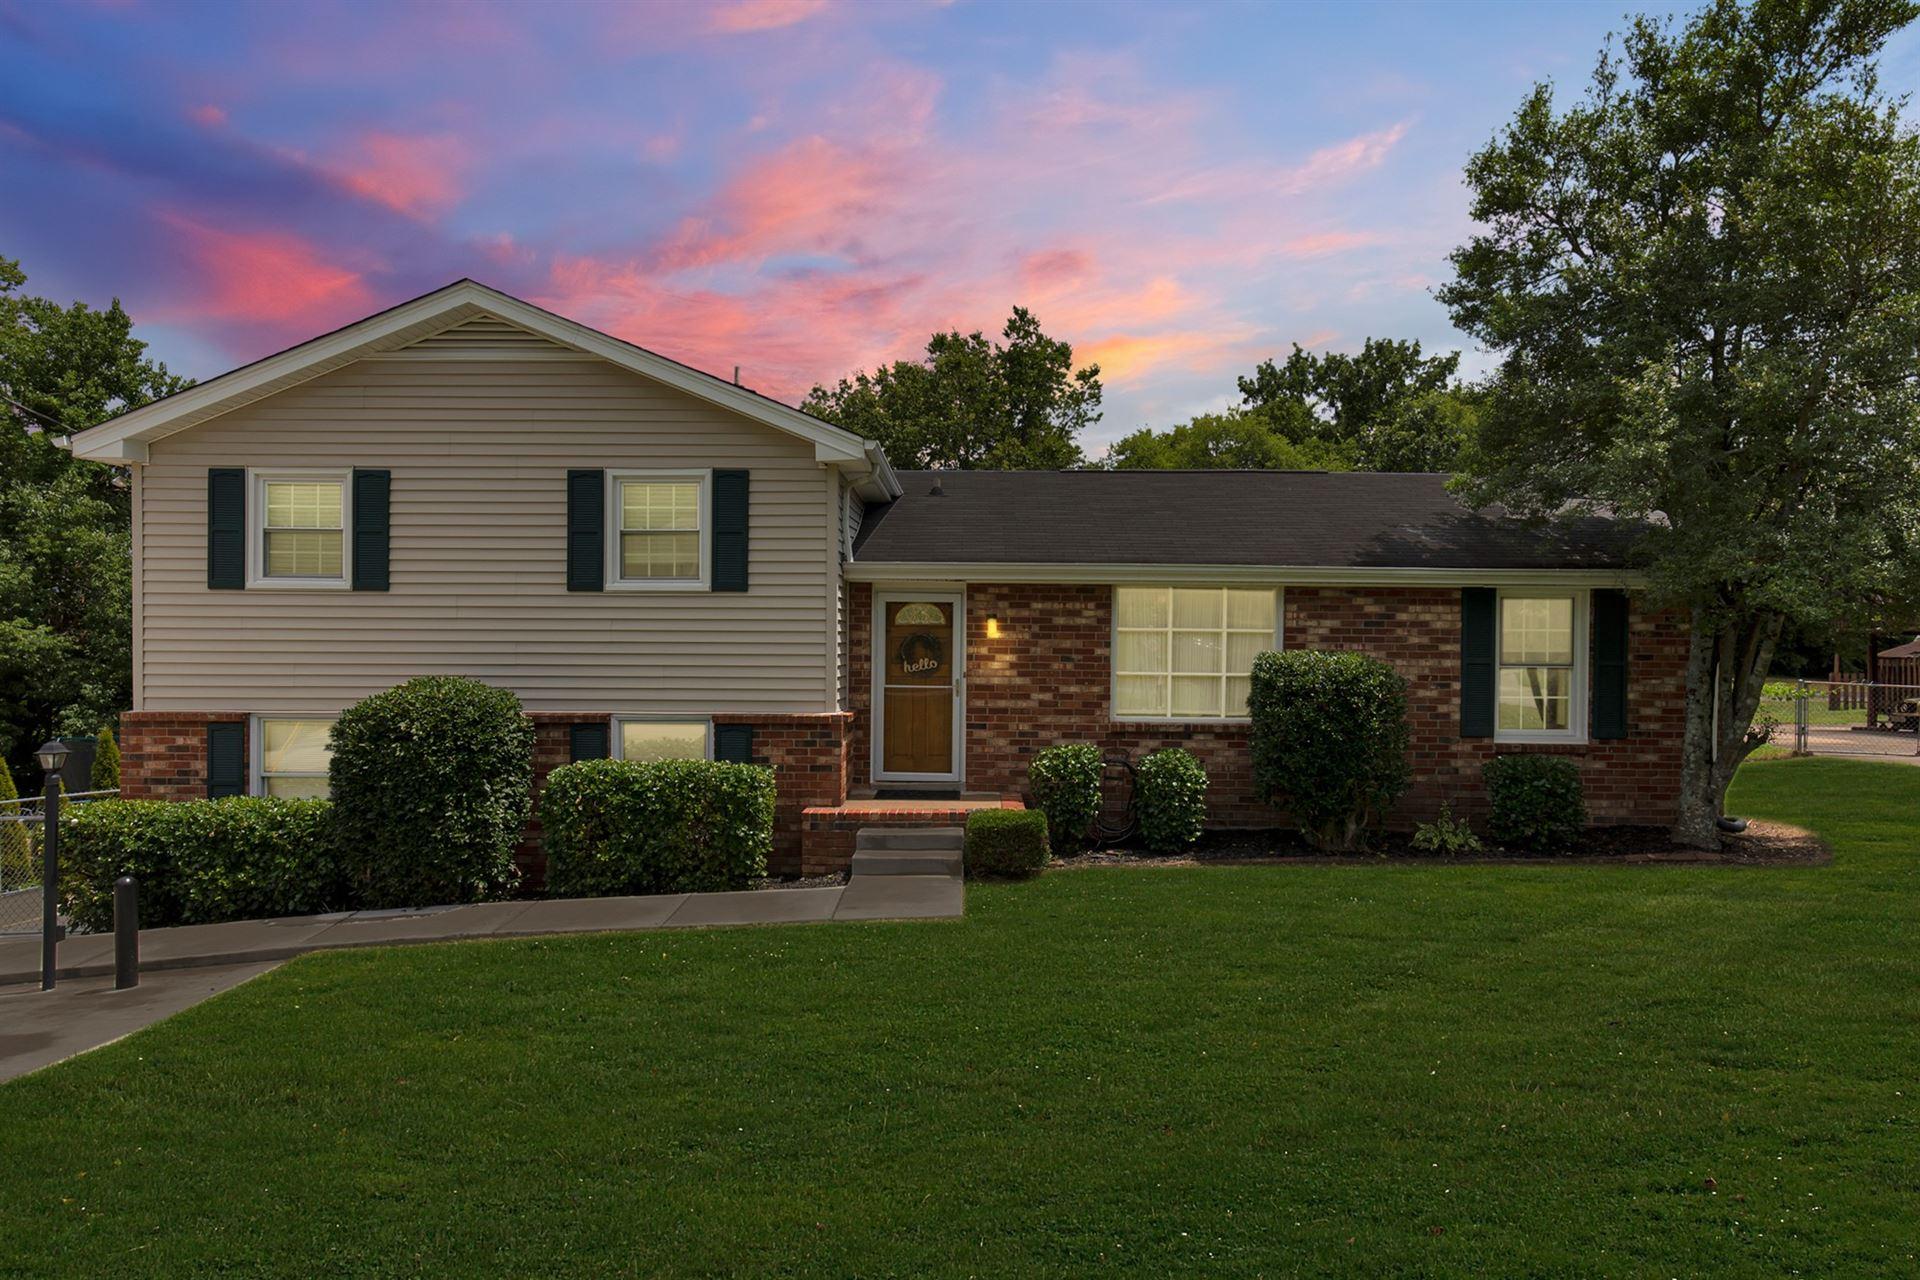 119 Hillside Dr, Hendersonville, TN 37075 - MLS#: 2175948